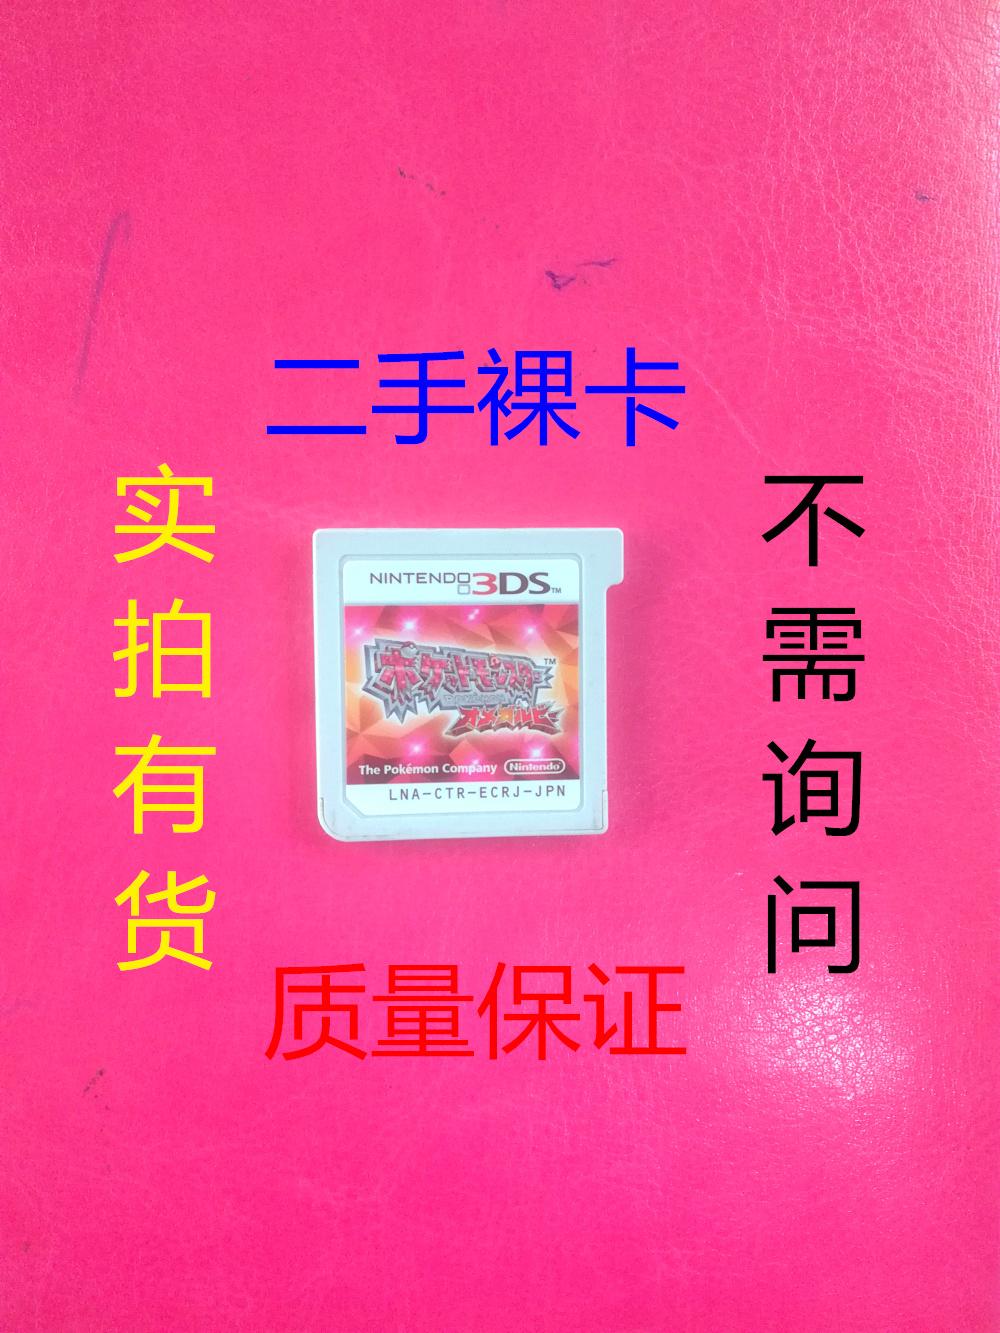 任天堂3DS二手游�� 裸卡 口袋妖怪 �t��石 日版日文 ��拍有�